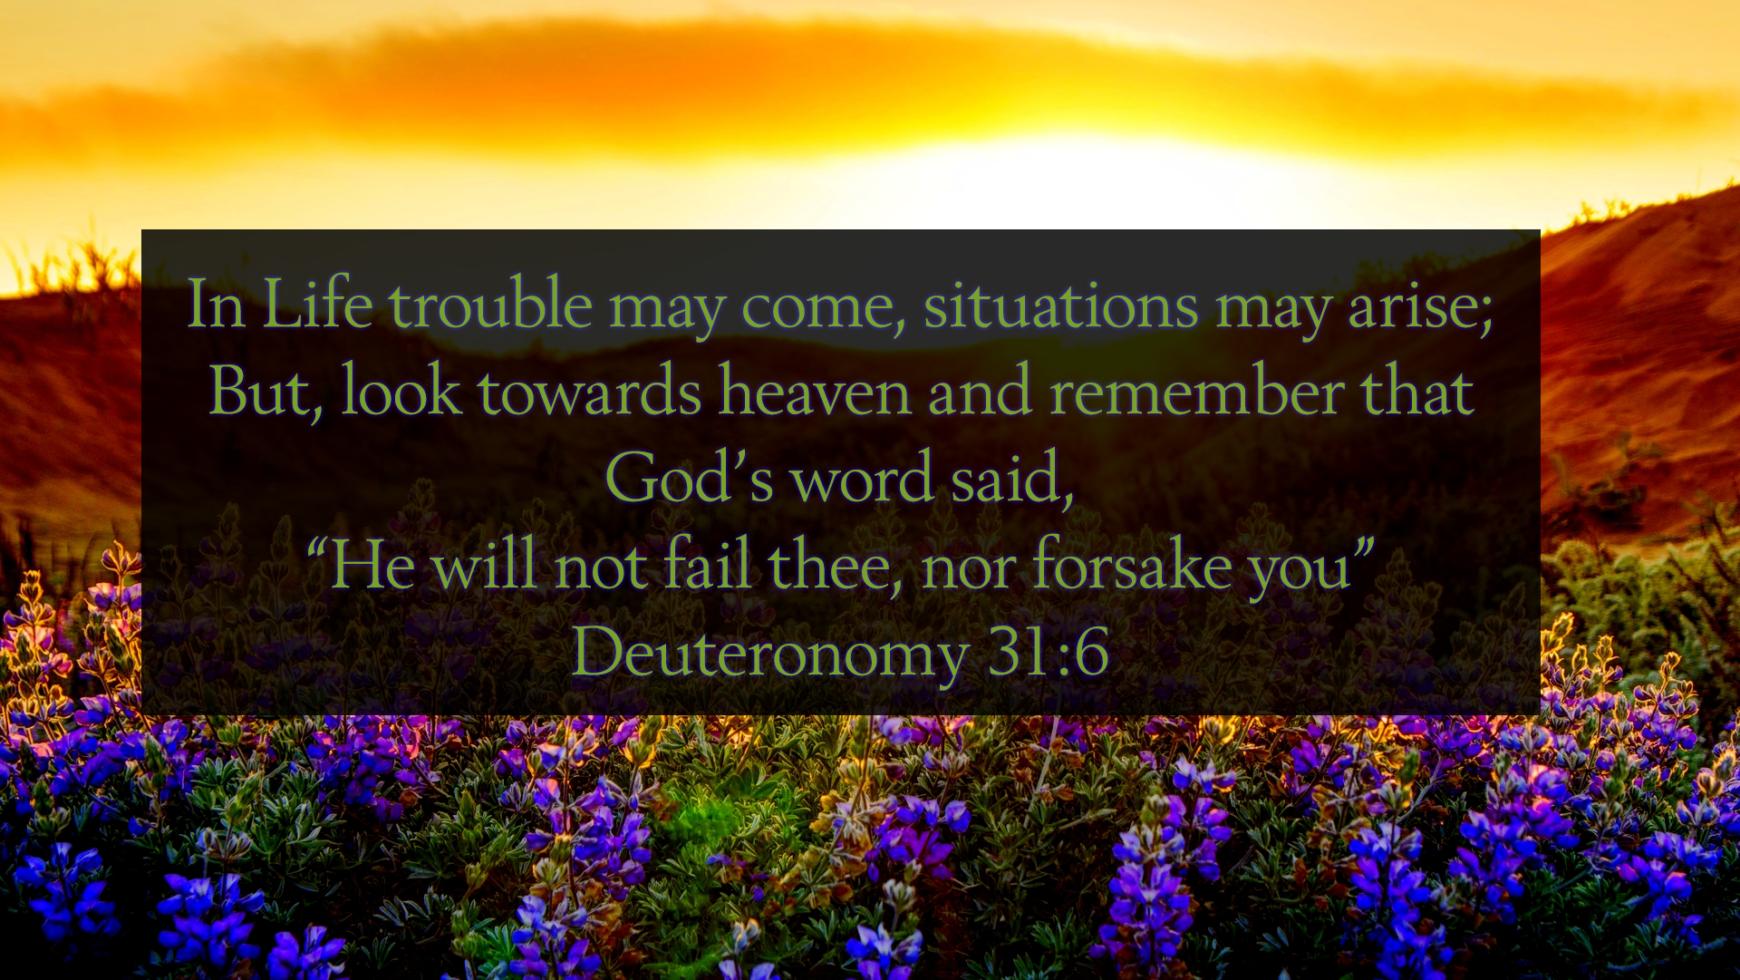 4/18 – Deuteronomy 31:6